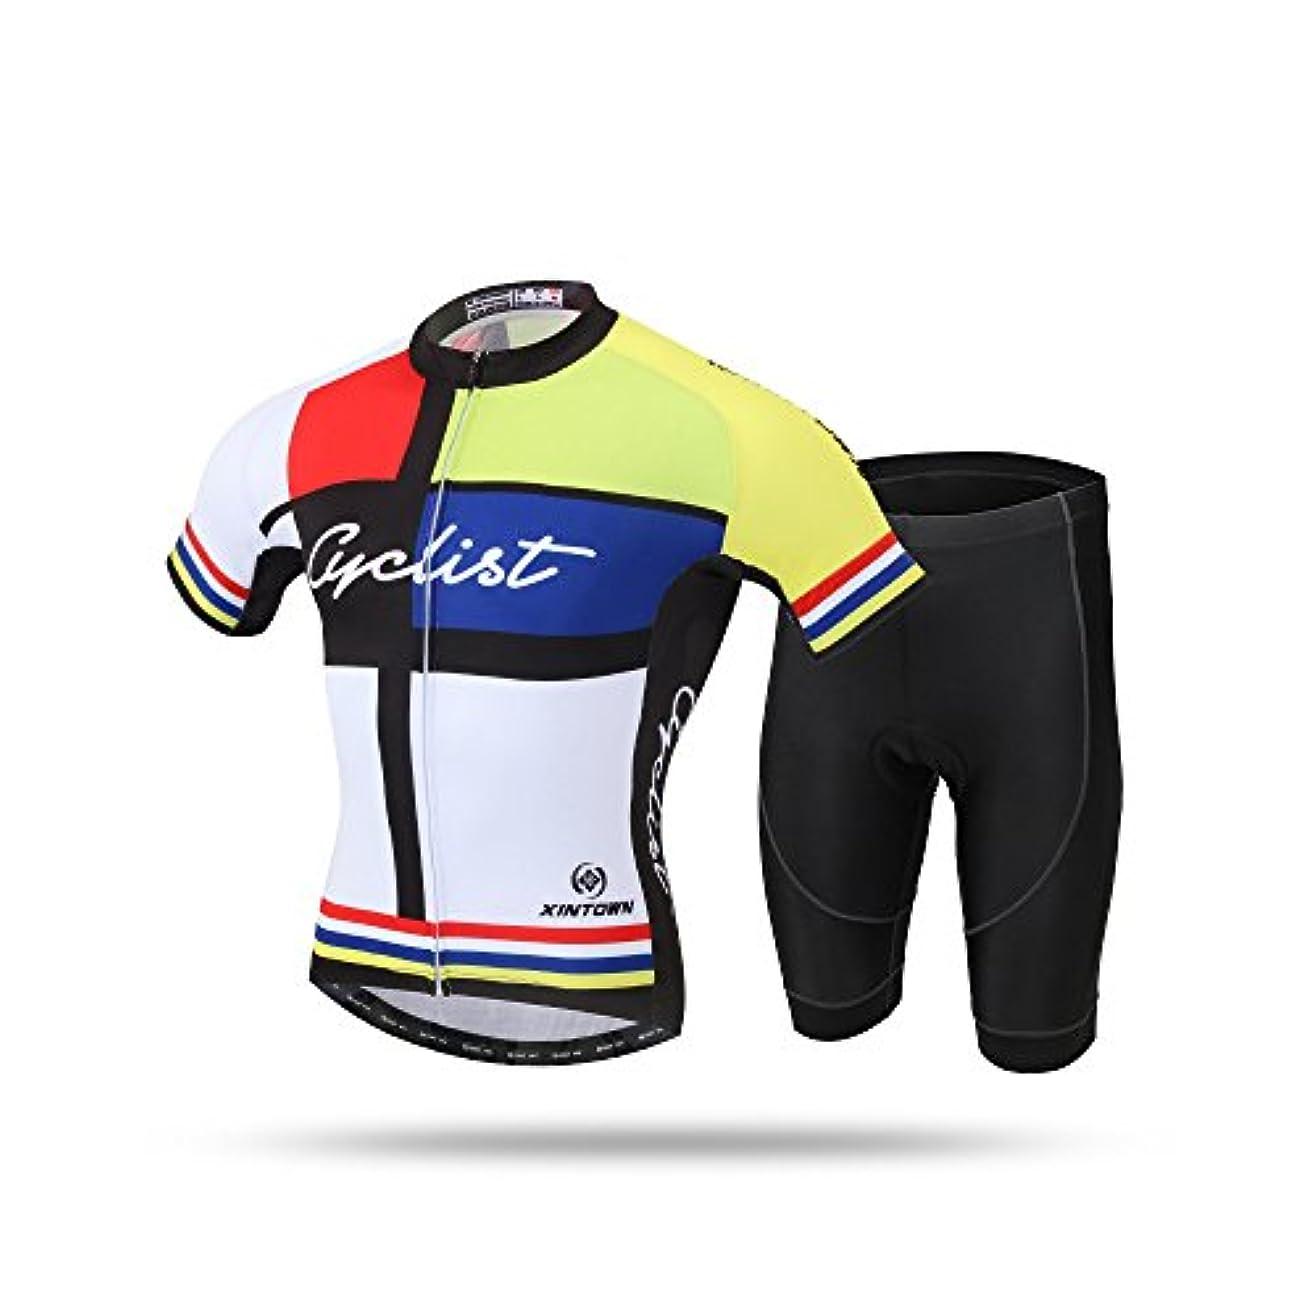 廃止潤滑する検体Tenflow サイクルジャージ メンズサイクリングウェア 半袖 上下セット 自転車ウェア メンズ自転車服 サイクルウェア バイクジャージ スポーツウェアxhyd-dk07-7(L イエロー)